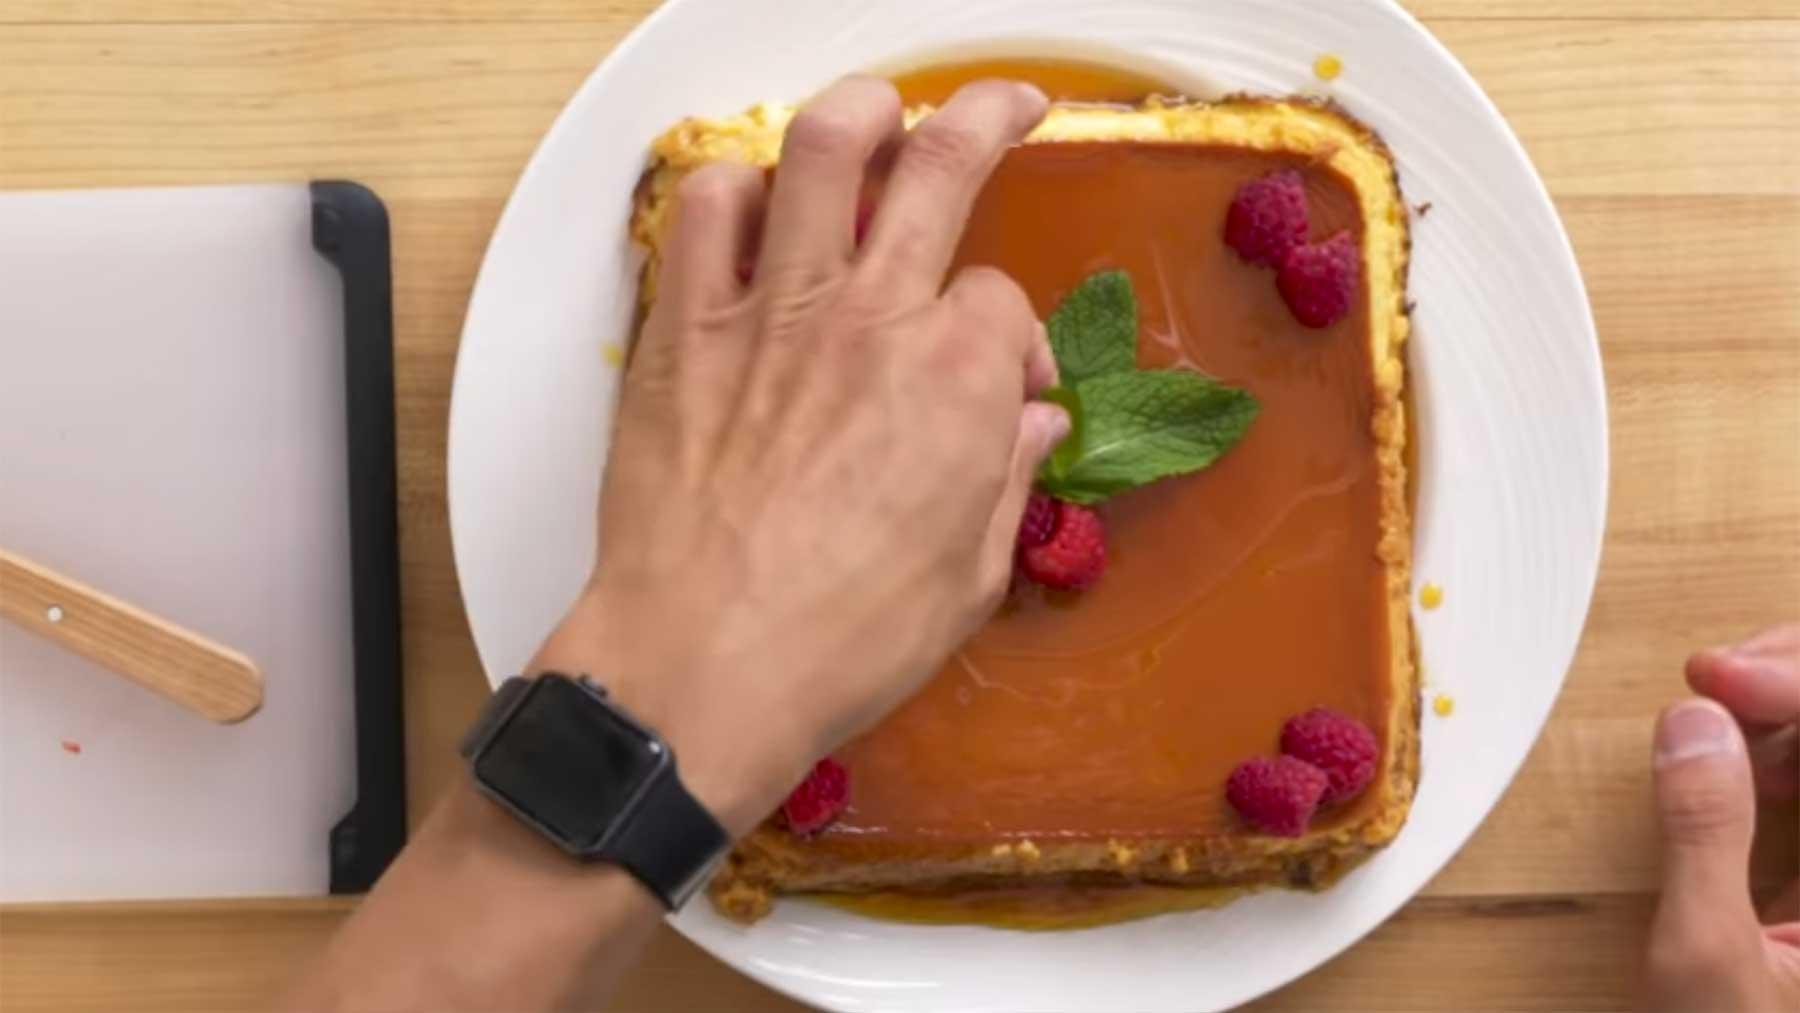 Köche unterschiedlicher Fähigkeitsstufen machen Pudding 4-levels-of-vanillepudding